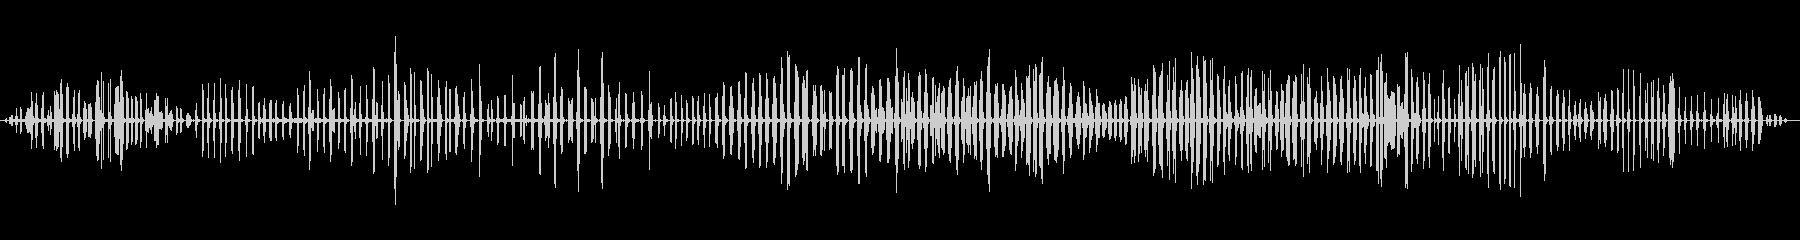 リード・ウォーブラー、アクロセファ...の未再生の波形